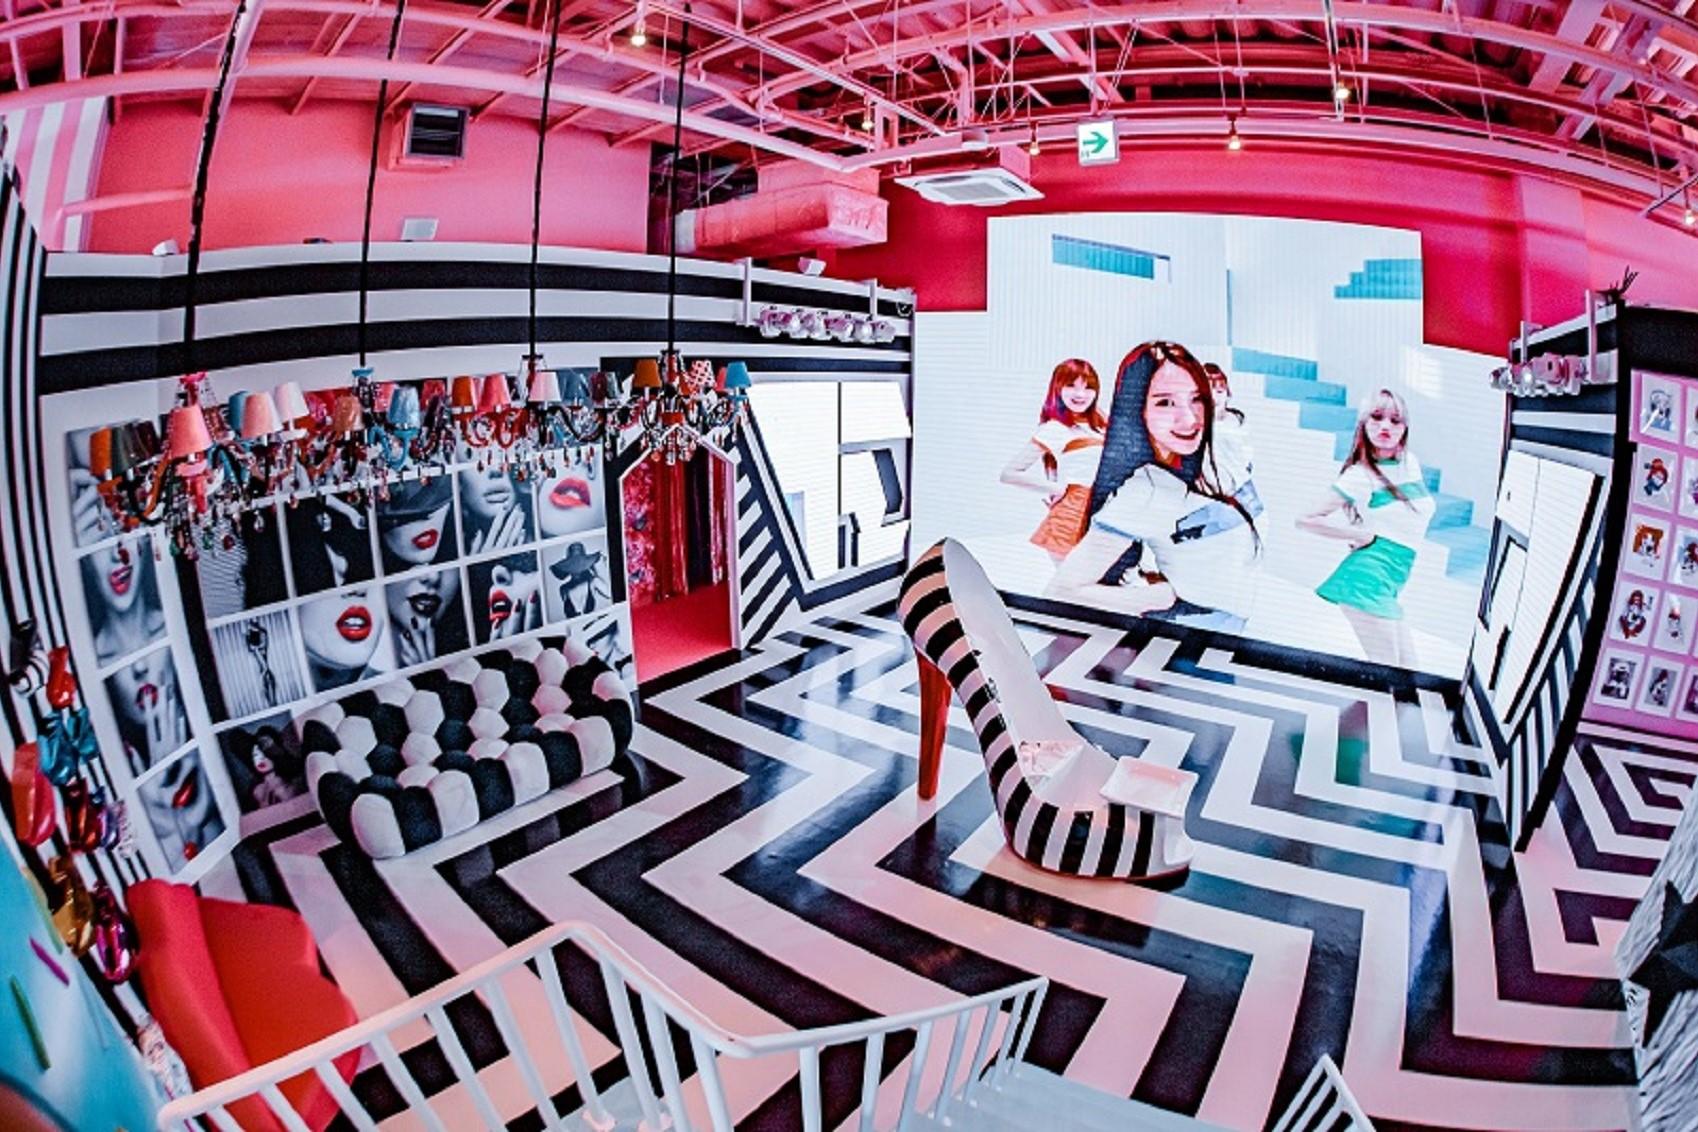 イーアス沖縄豊崎 iias ステムリゾートひたすら可愛いミュージアム